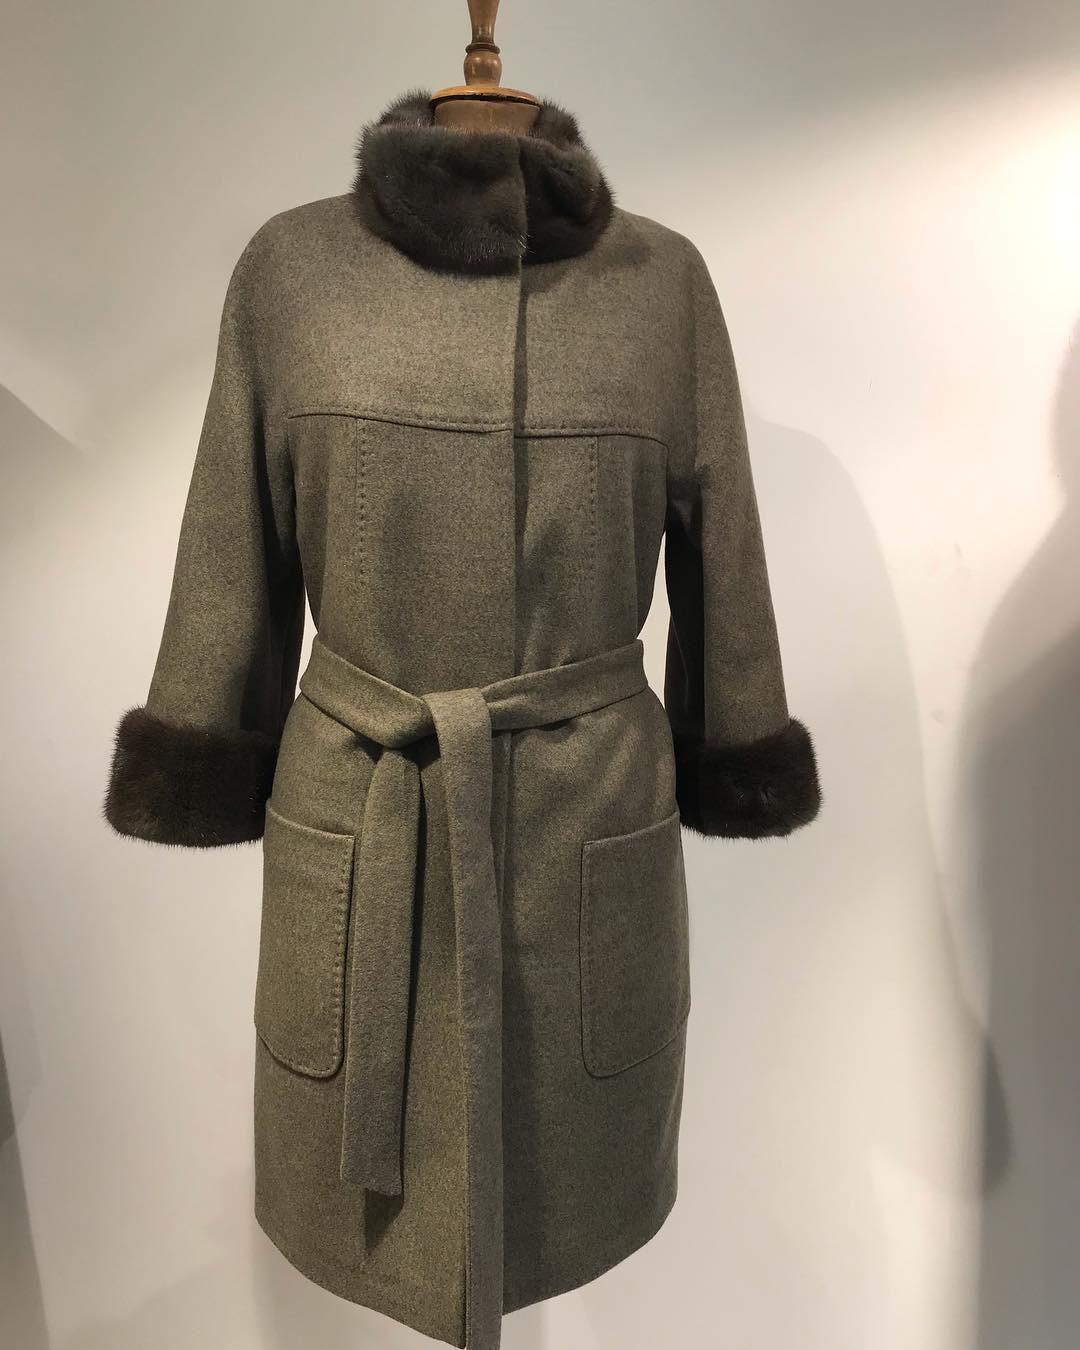 warmest-winter-coats-2019